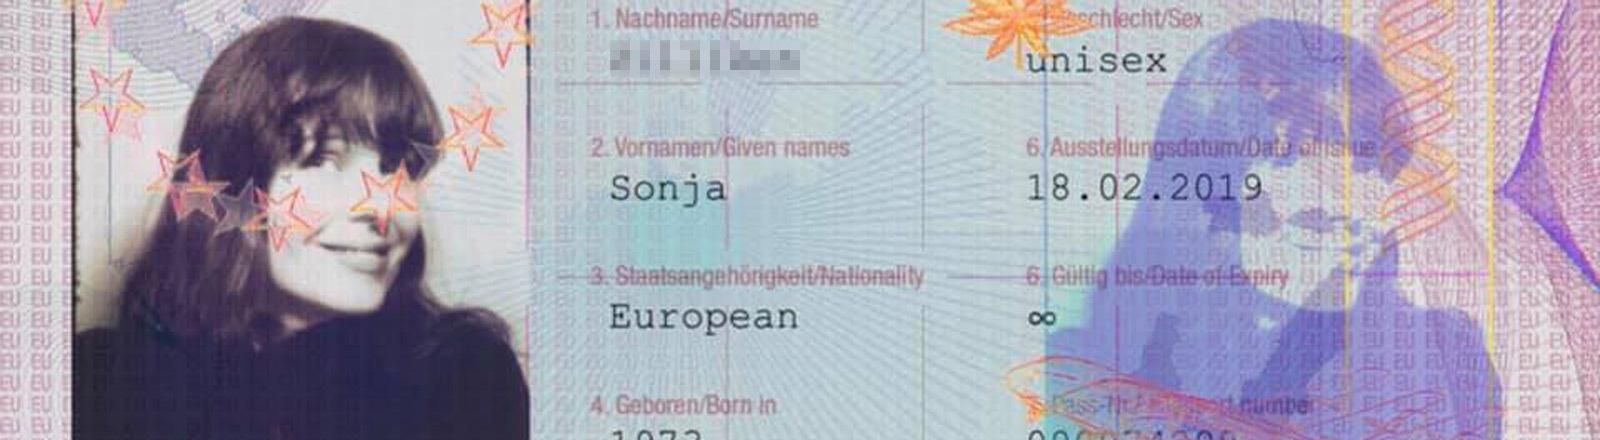 Bilderbuch-Fan Sonja hat sich digital einen Bilderbuch-Europaausweis ausstellen lassen.